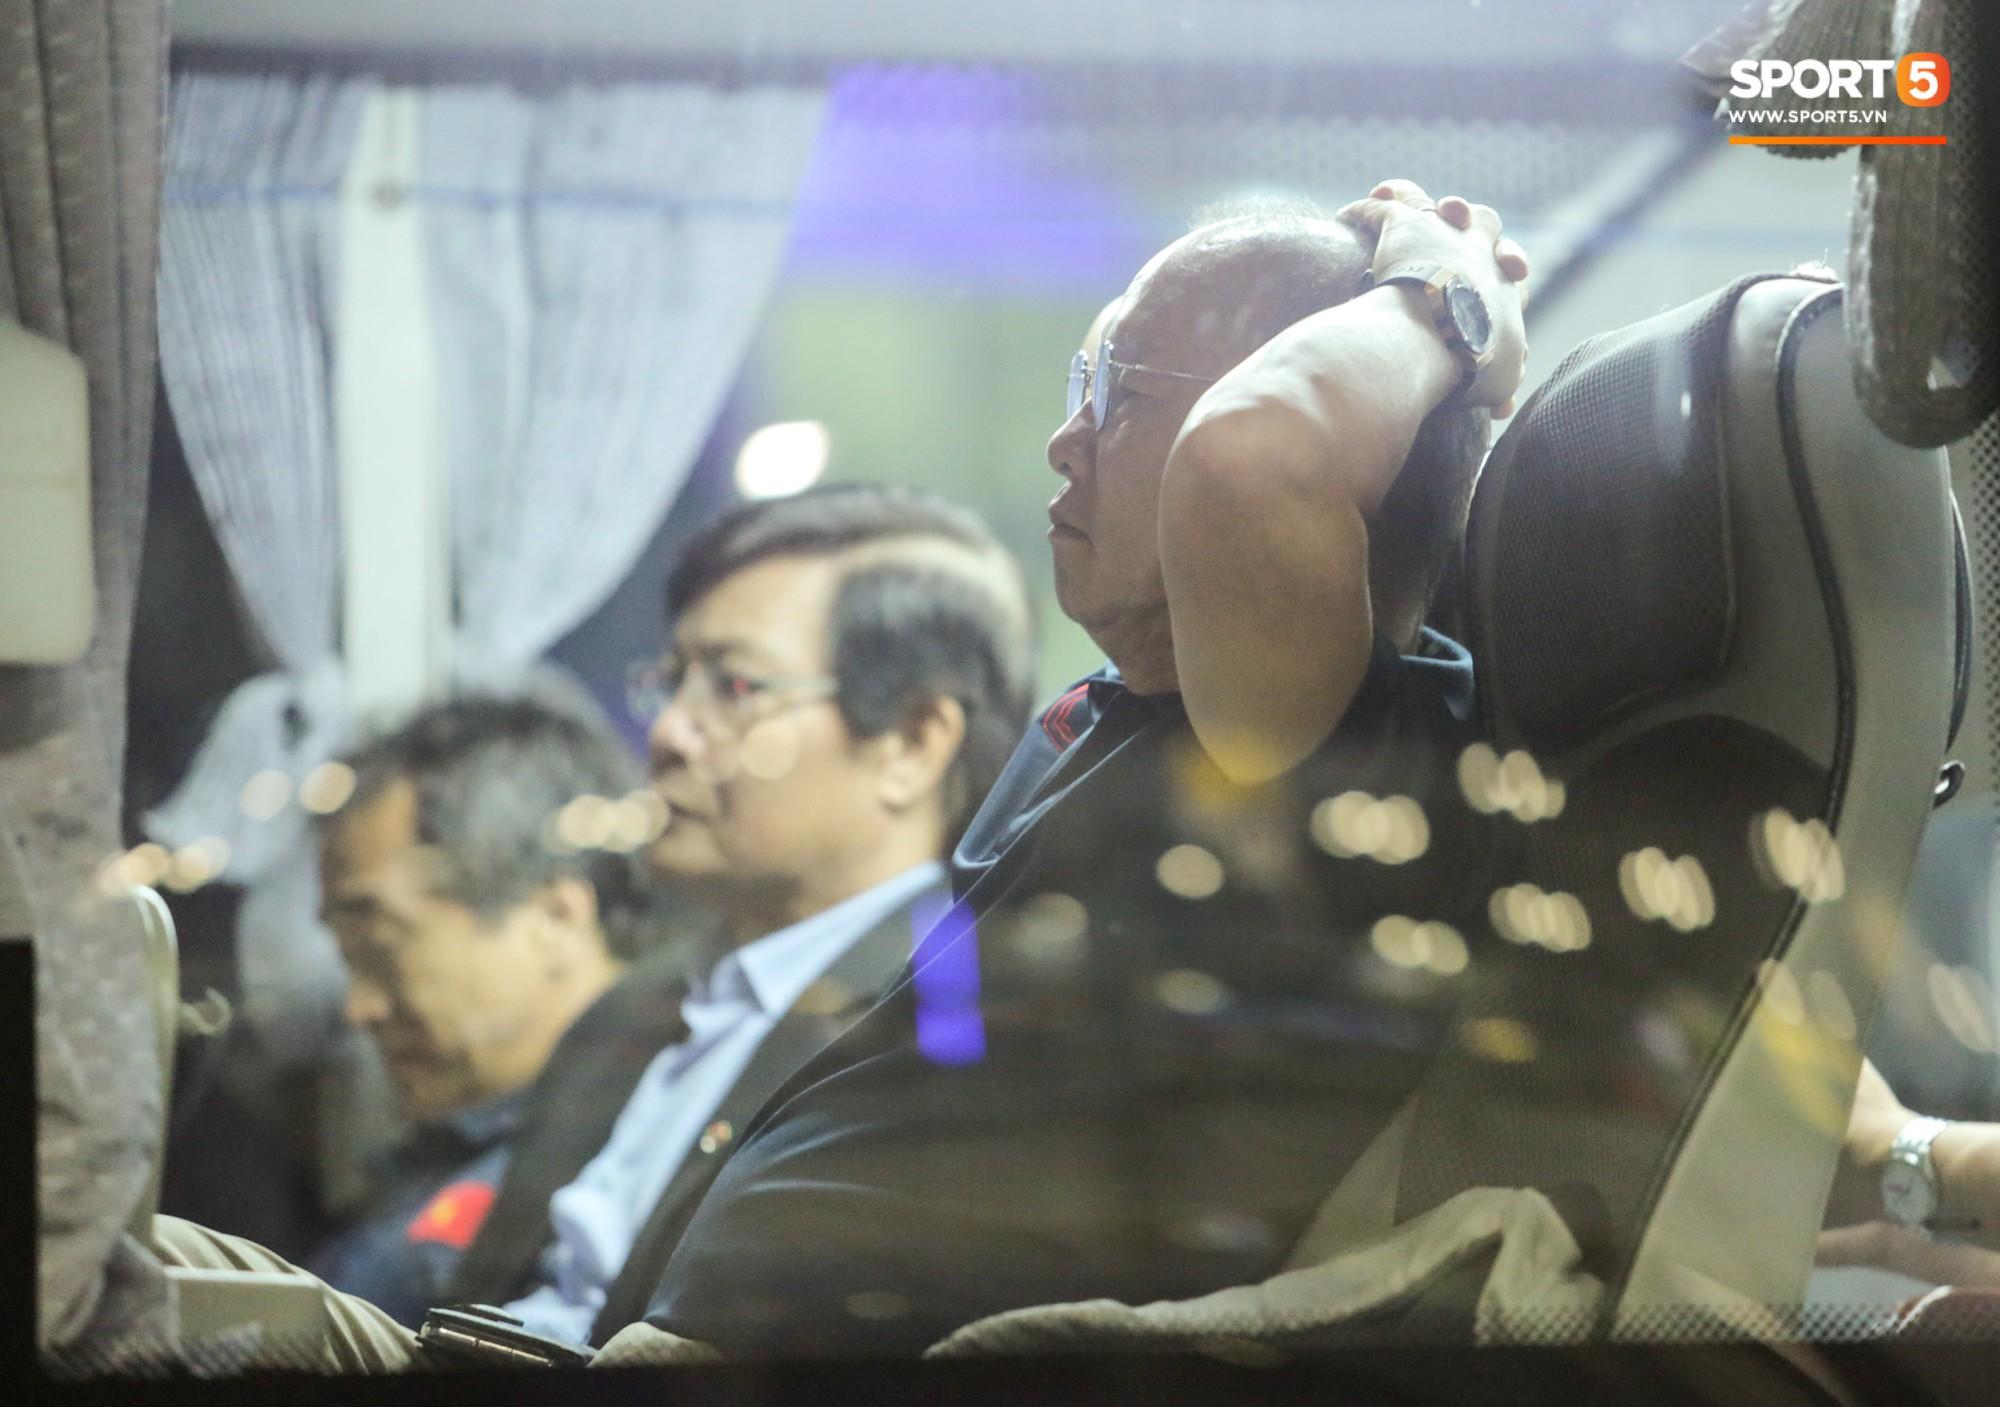 HLV Park Hang-seo huỷ họp báo sau trận chung kết King's Cup vì vội về Việt Nam - Ảnh 1.